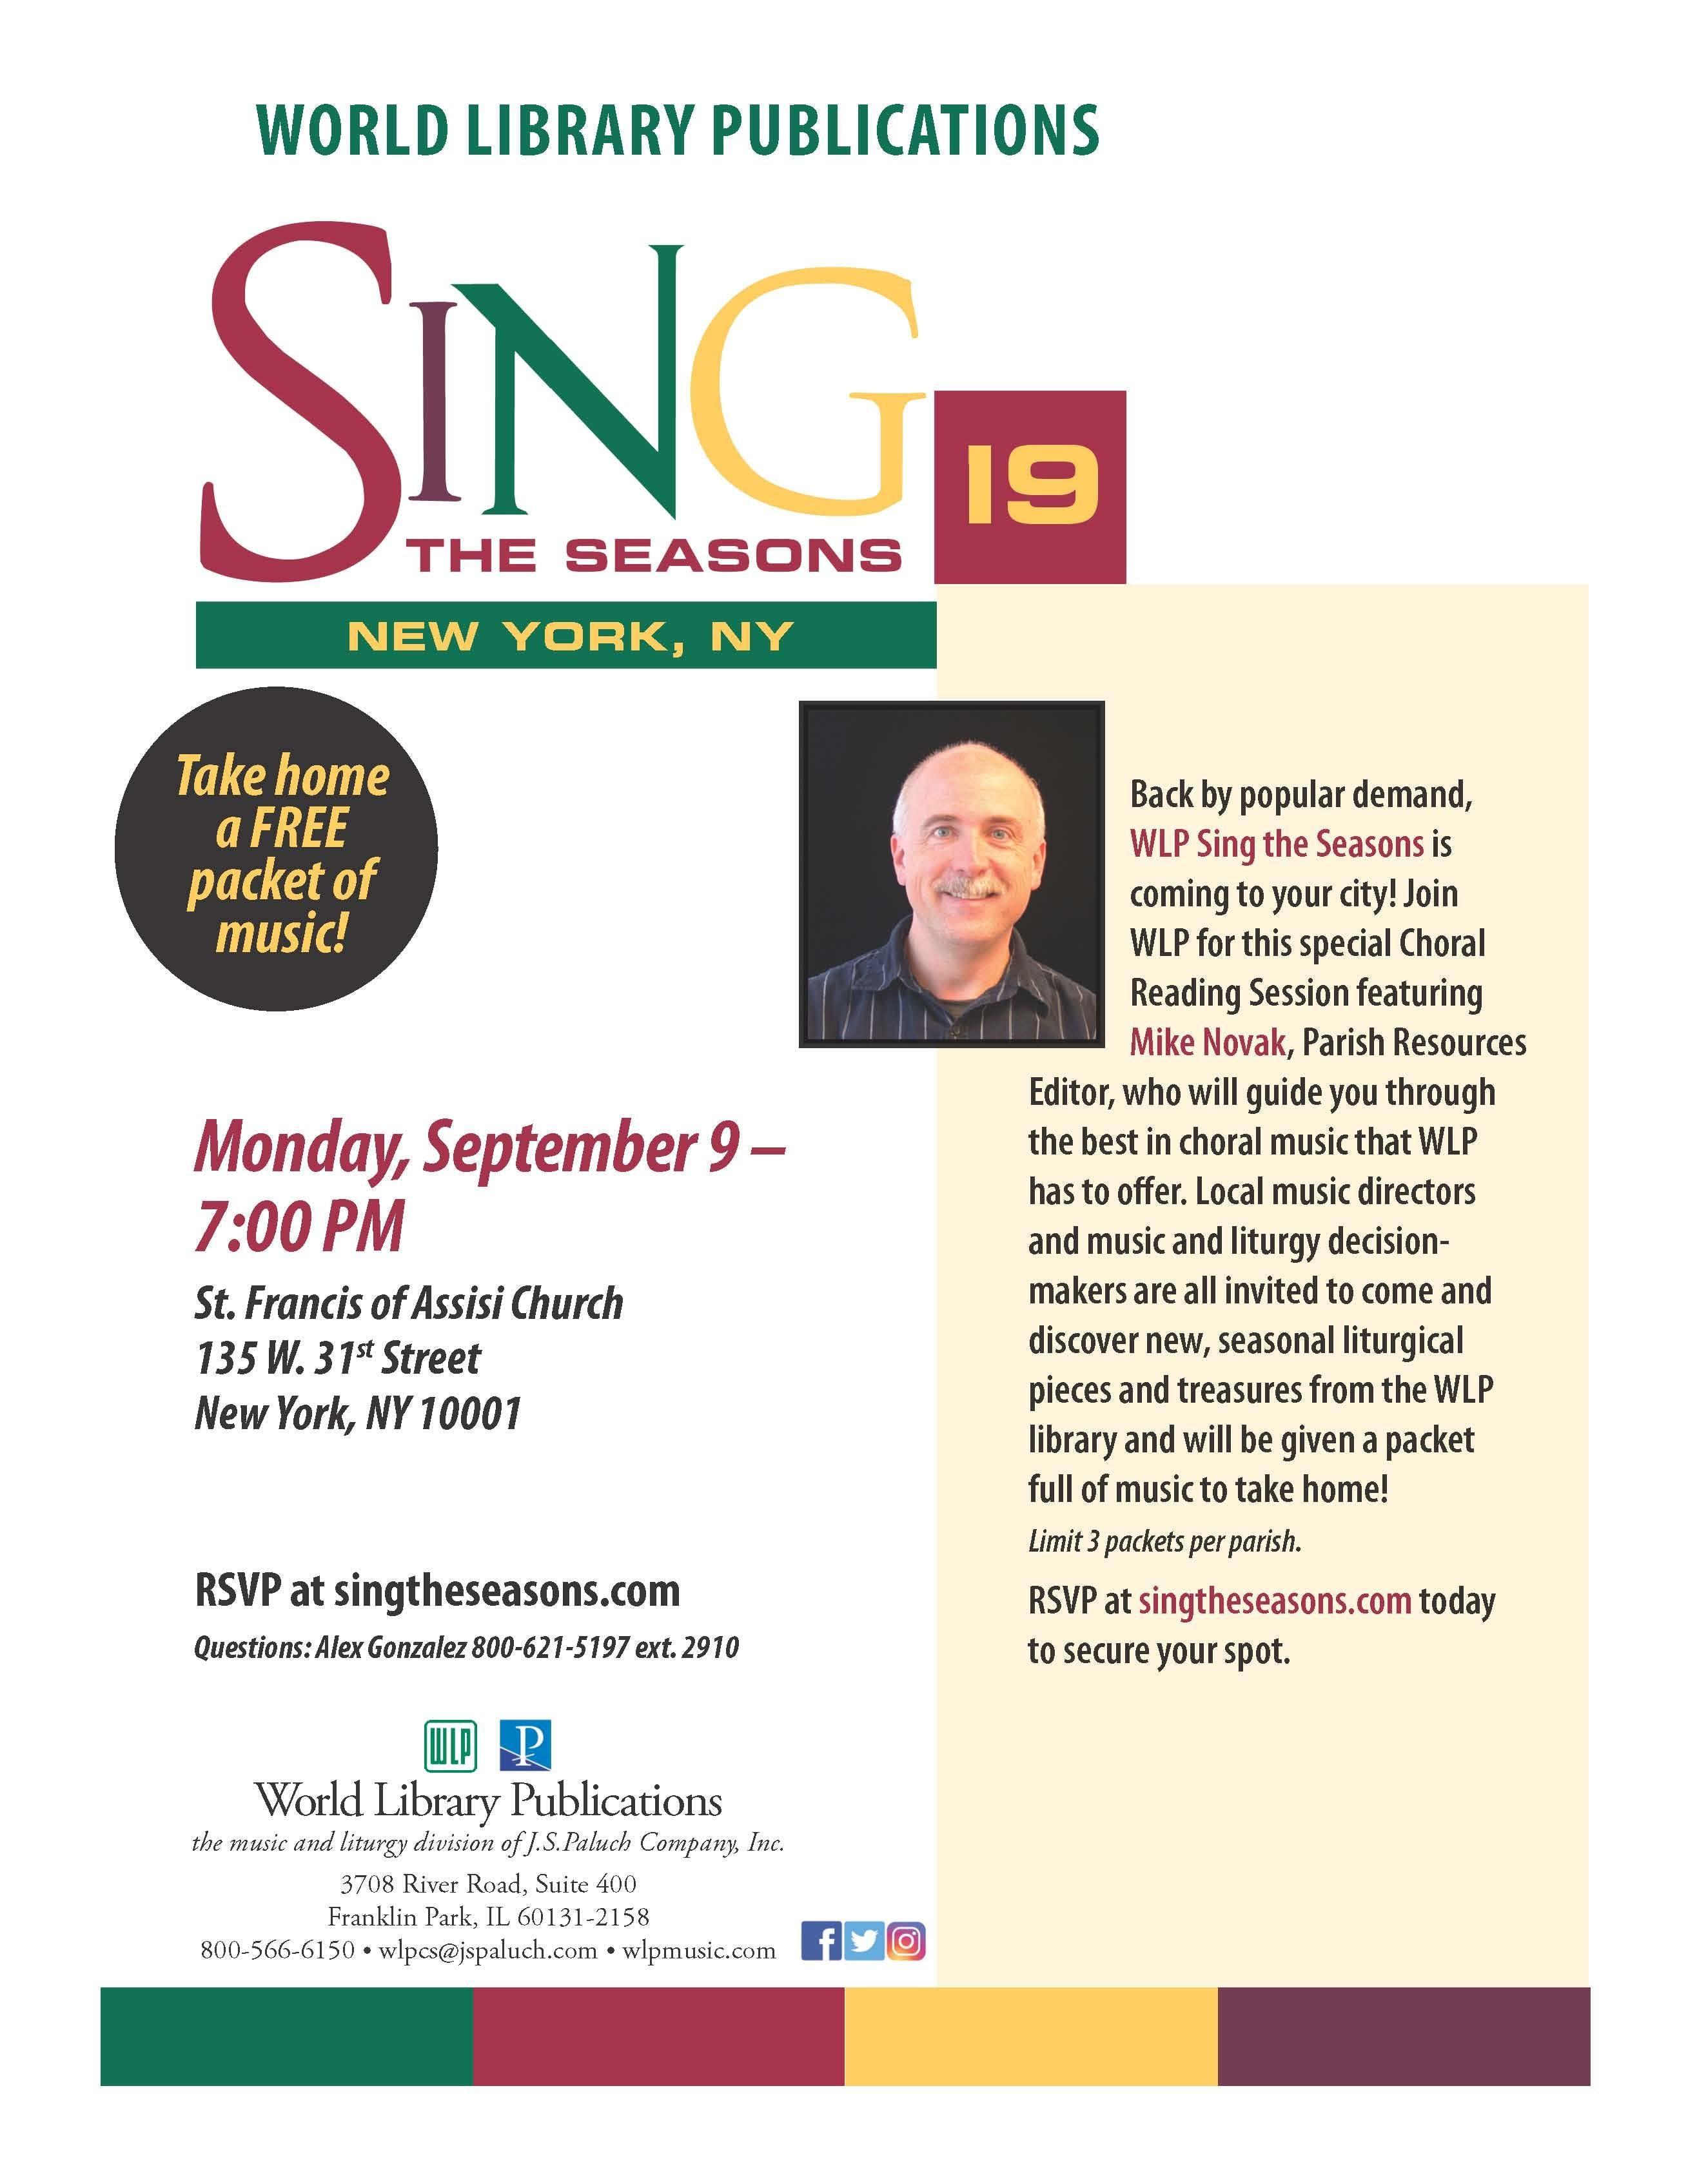 SING THE SEASONS 2019 - NEW YORK, NY